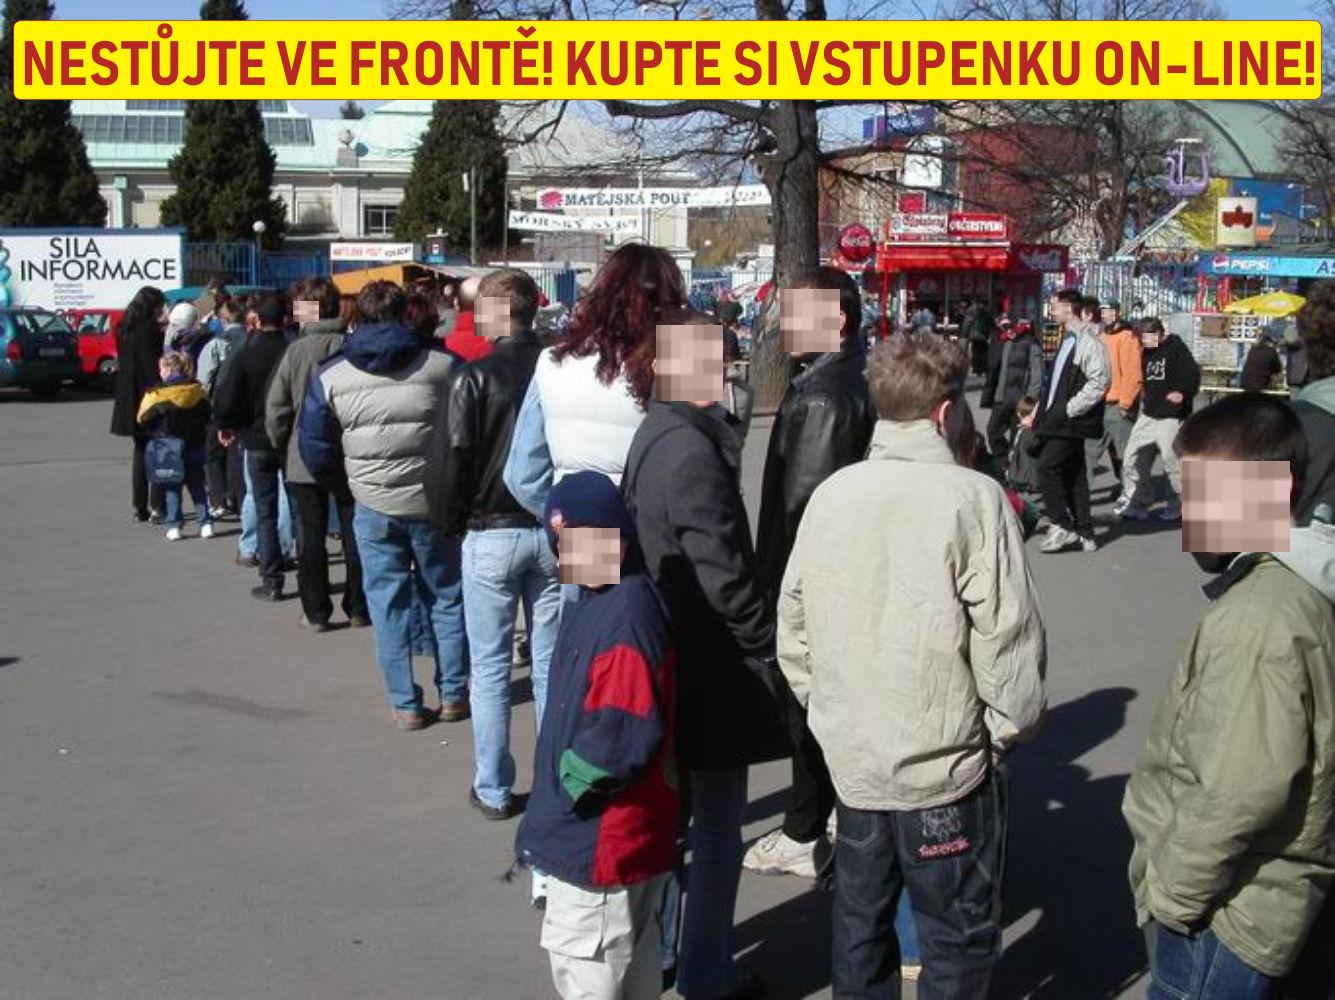 picture Matějská pouť 2019 - VÍKENDOVÝ A VELIKONOČNÍ VSTUP